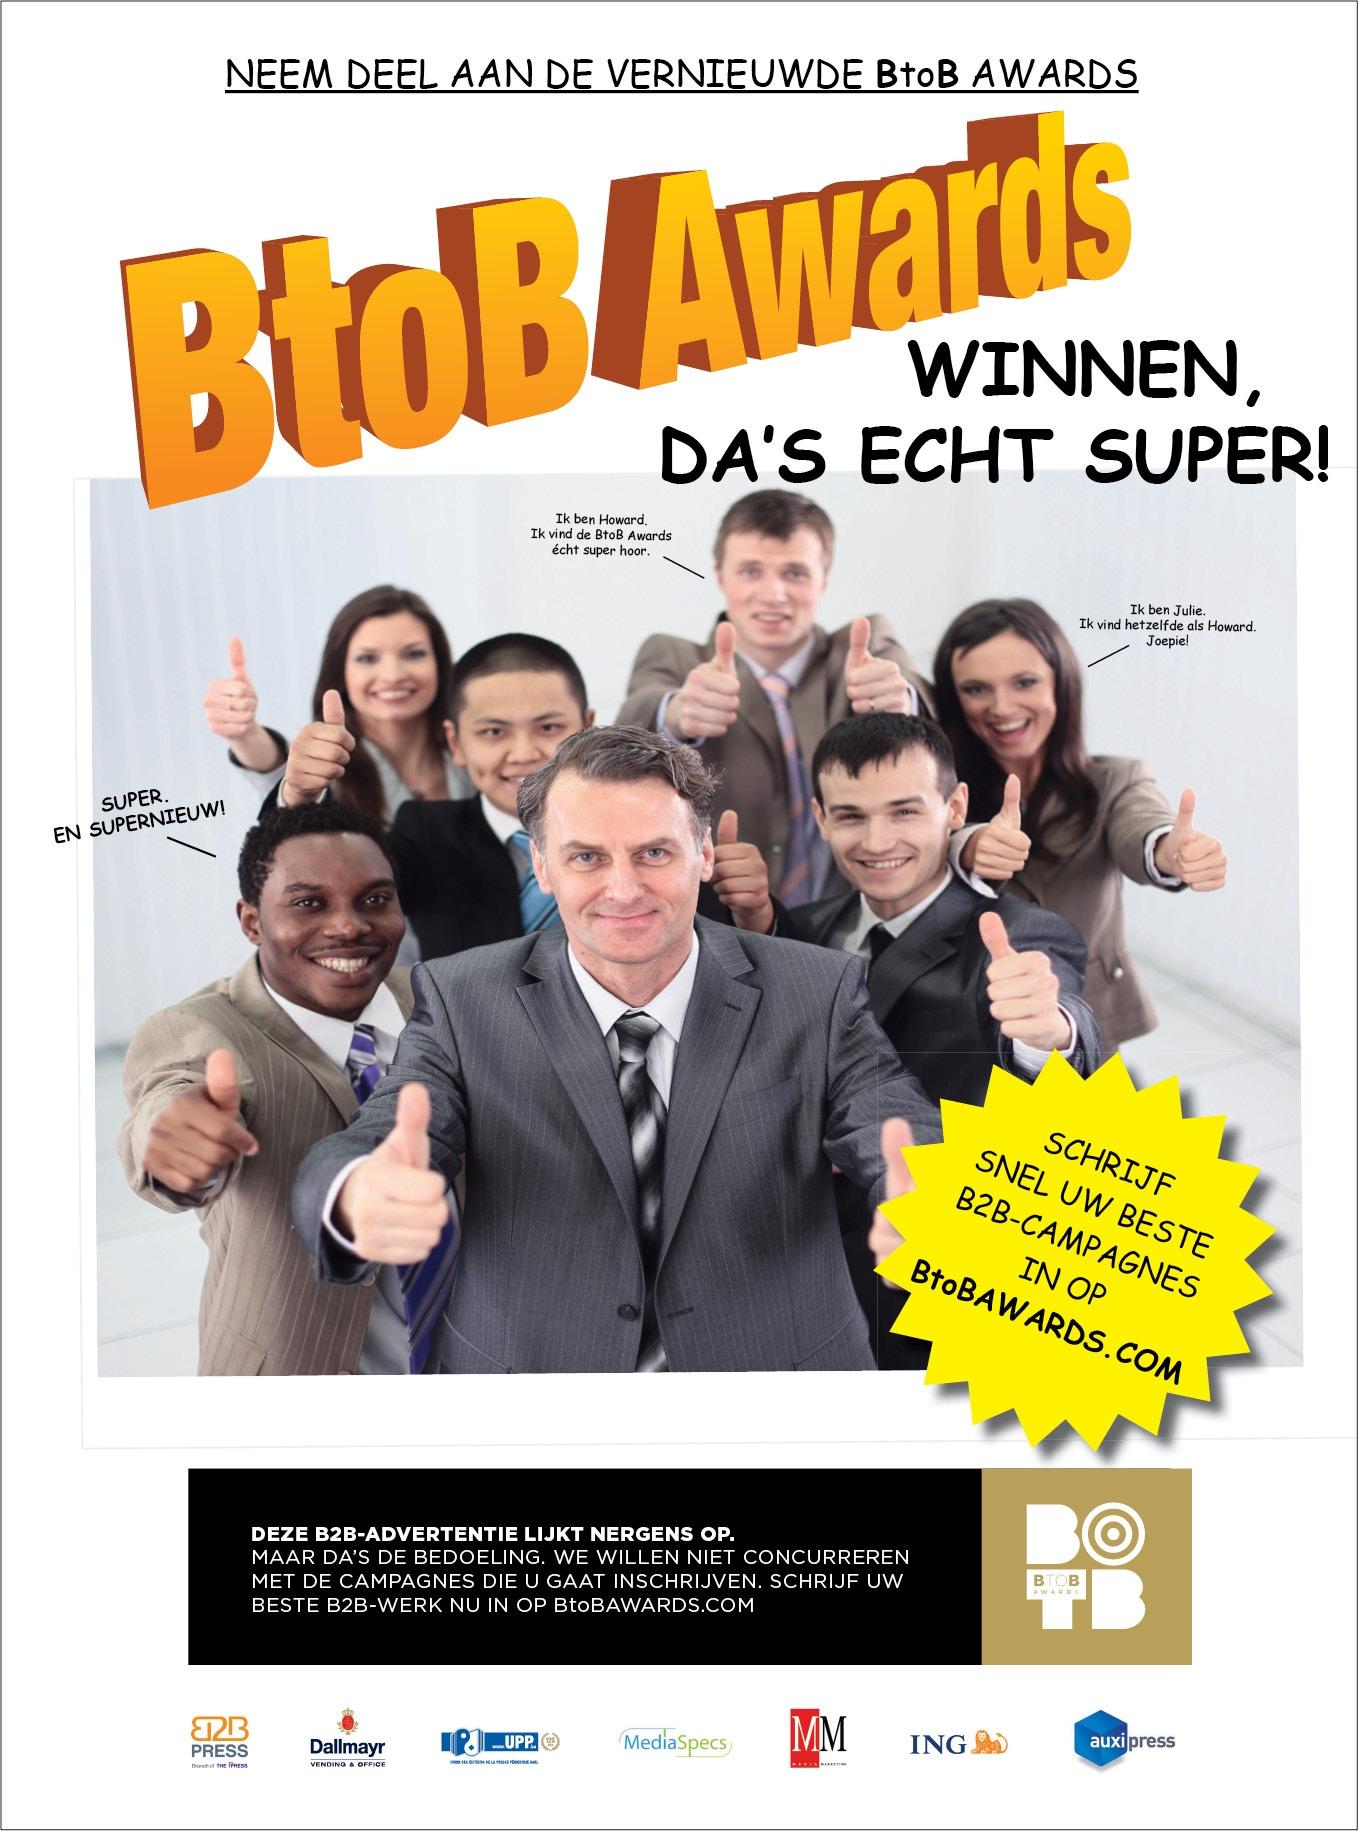 BtoB_Awards_ad_230x310_NL.jpg